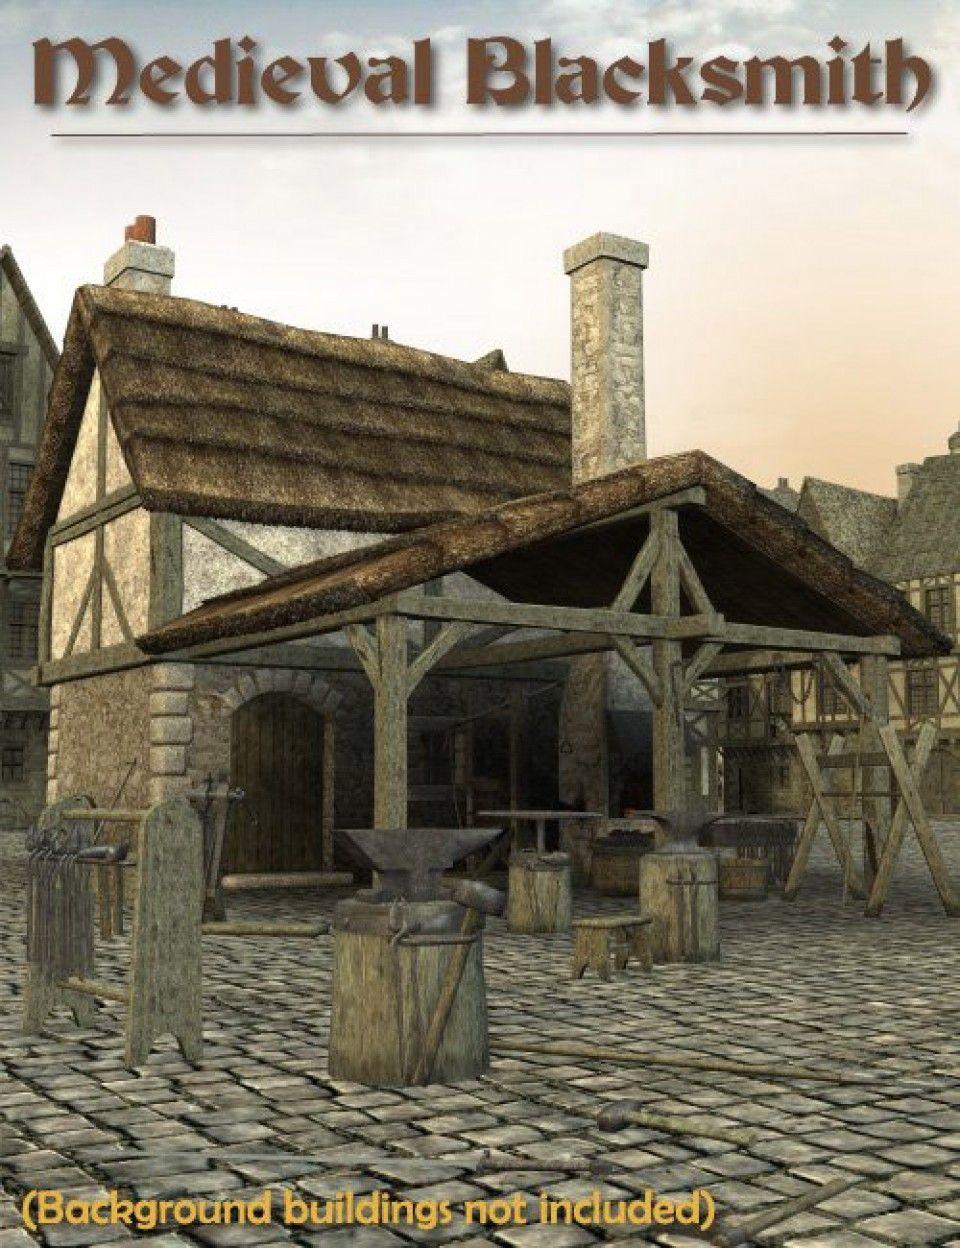 Elegant Medieval Blacksmith | 3D Models And 3D Software By Daz 3D